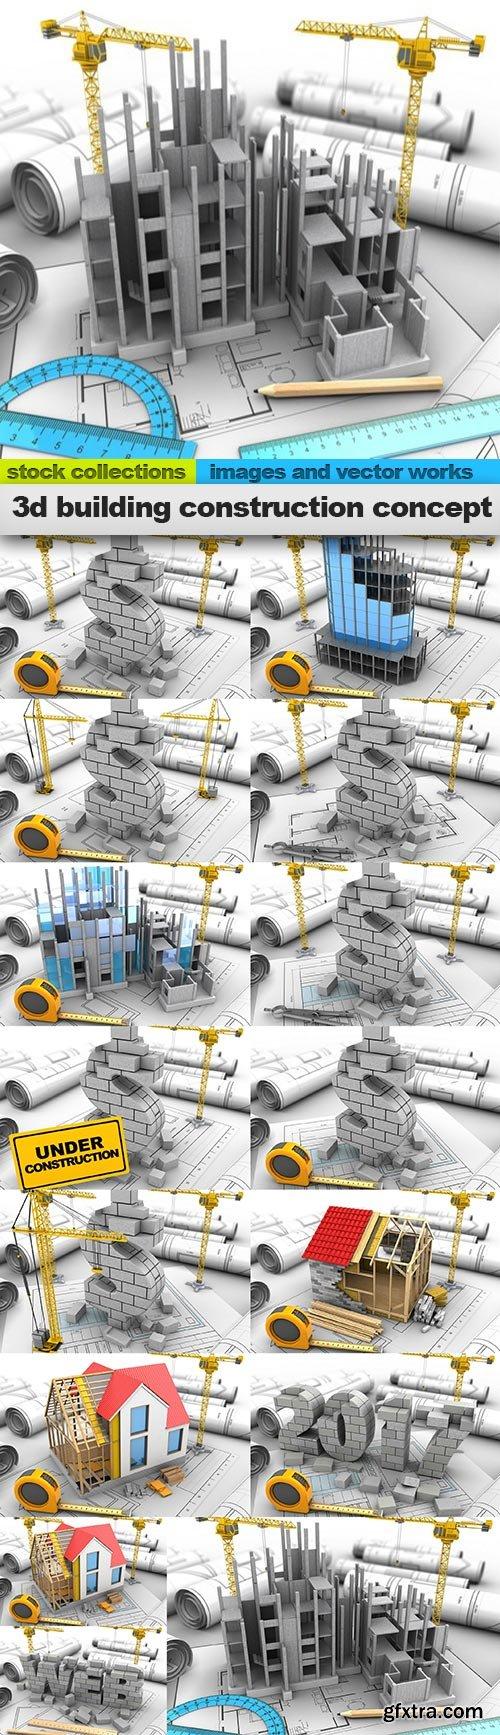 3d building construction concept, 15 x UHQ JPEG